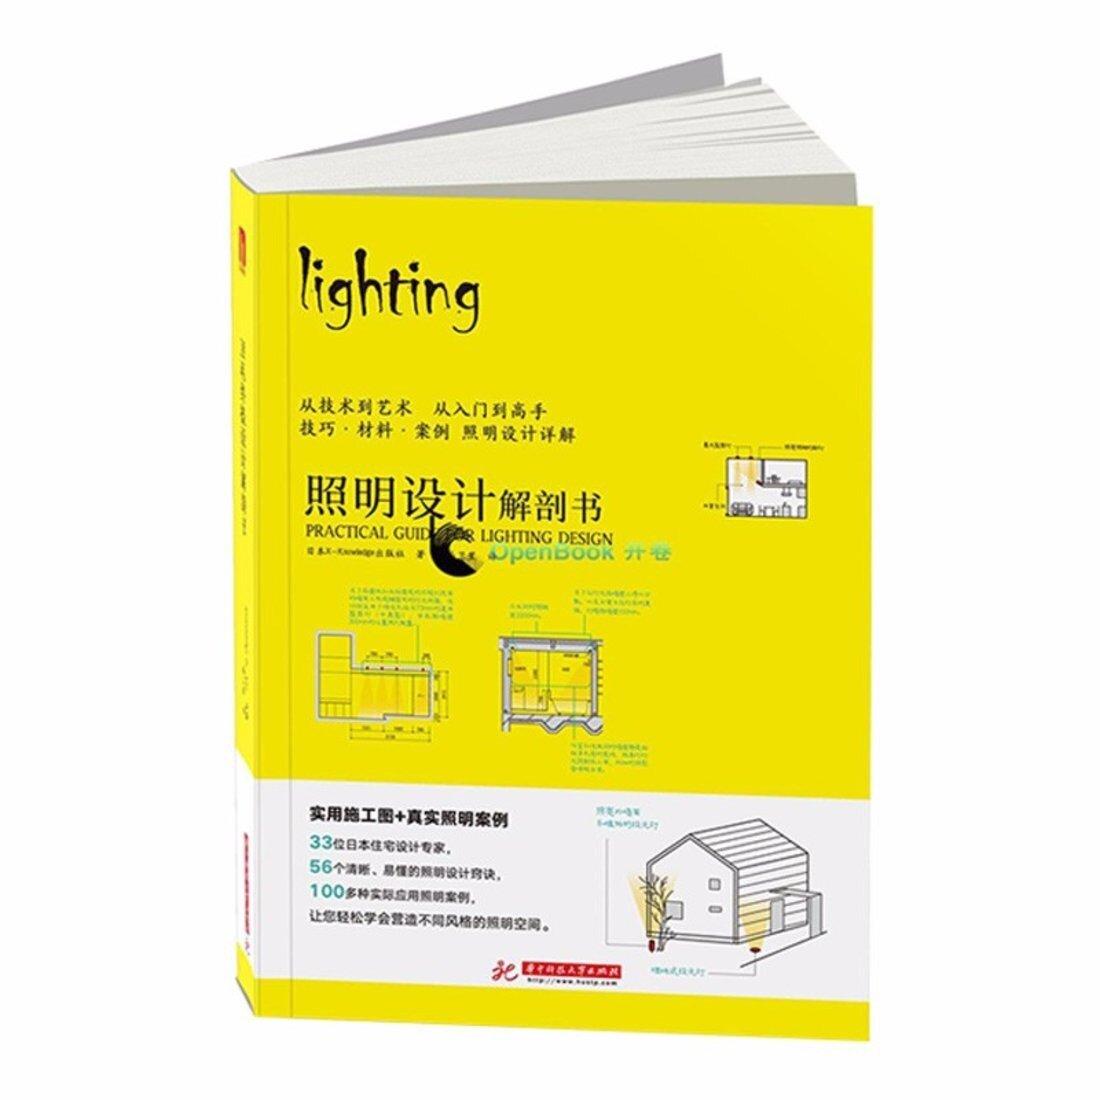 《照明设计解剖书》